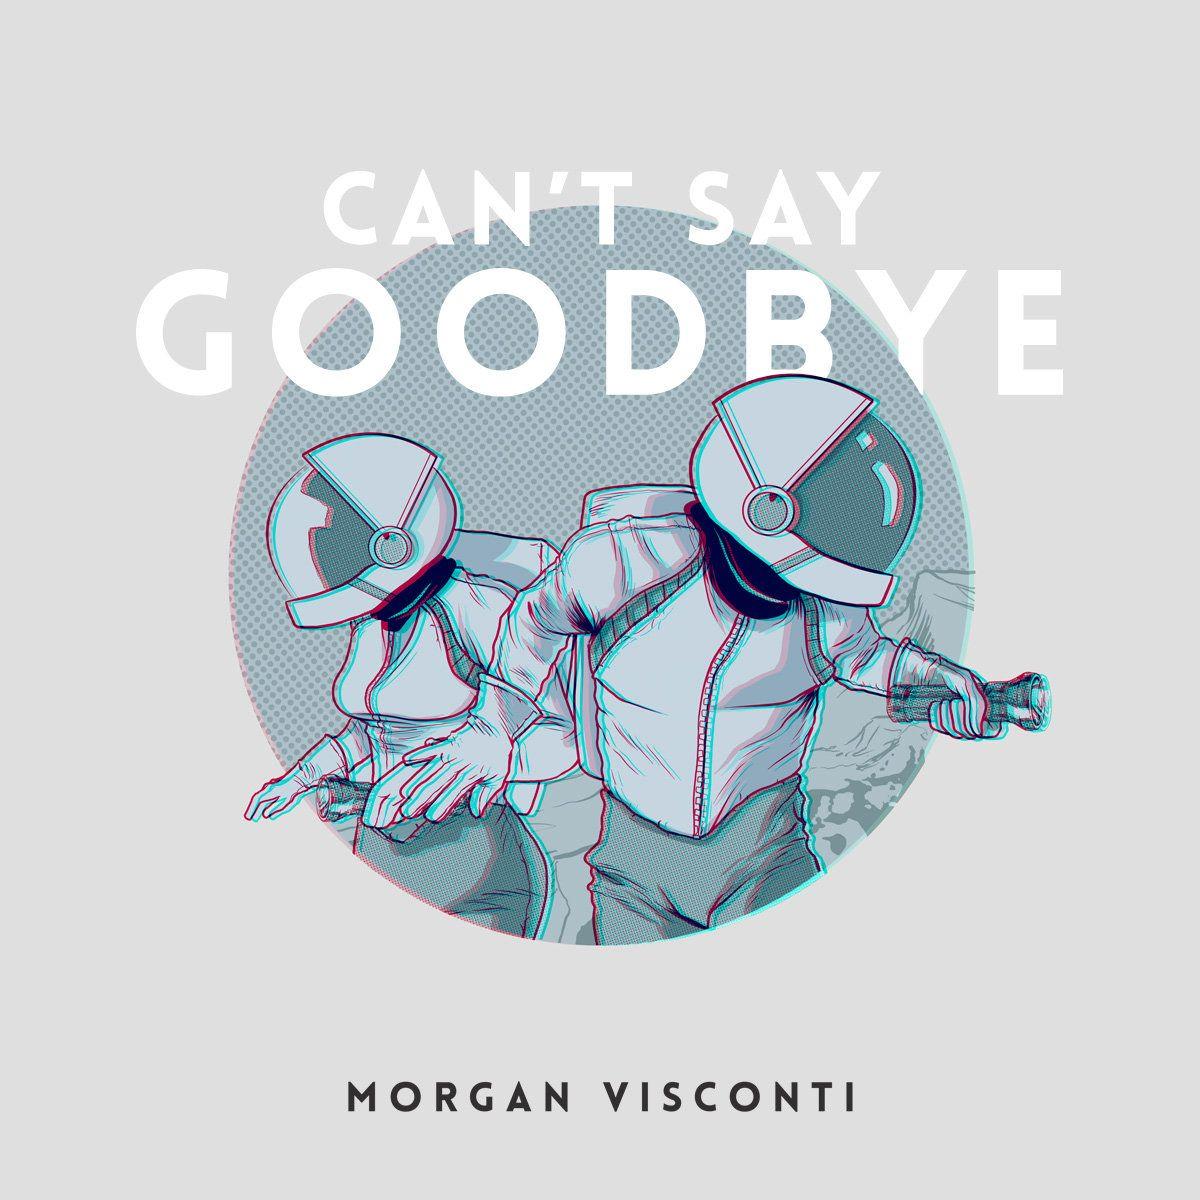 Morgan Visconti- remix of